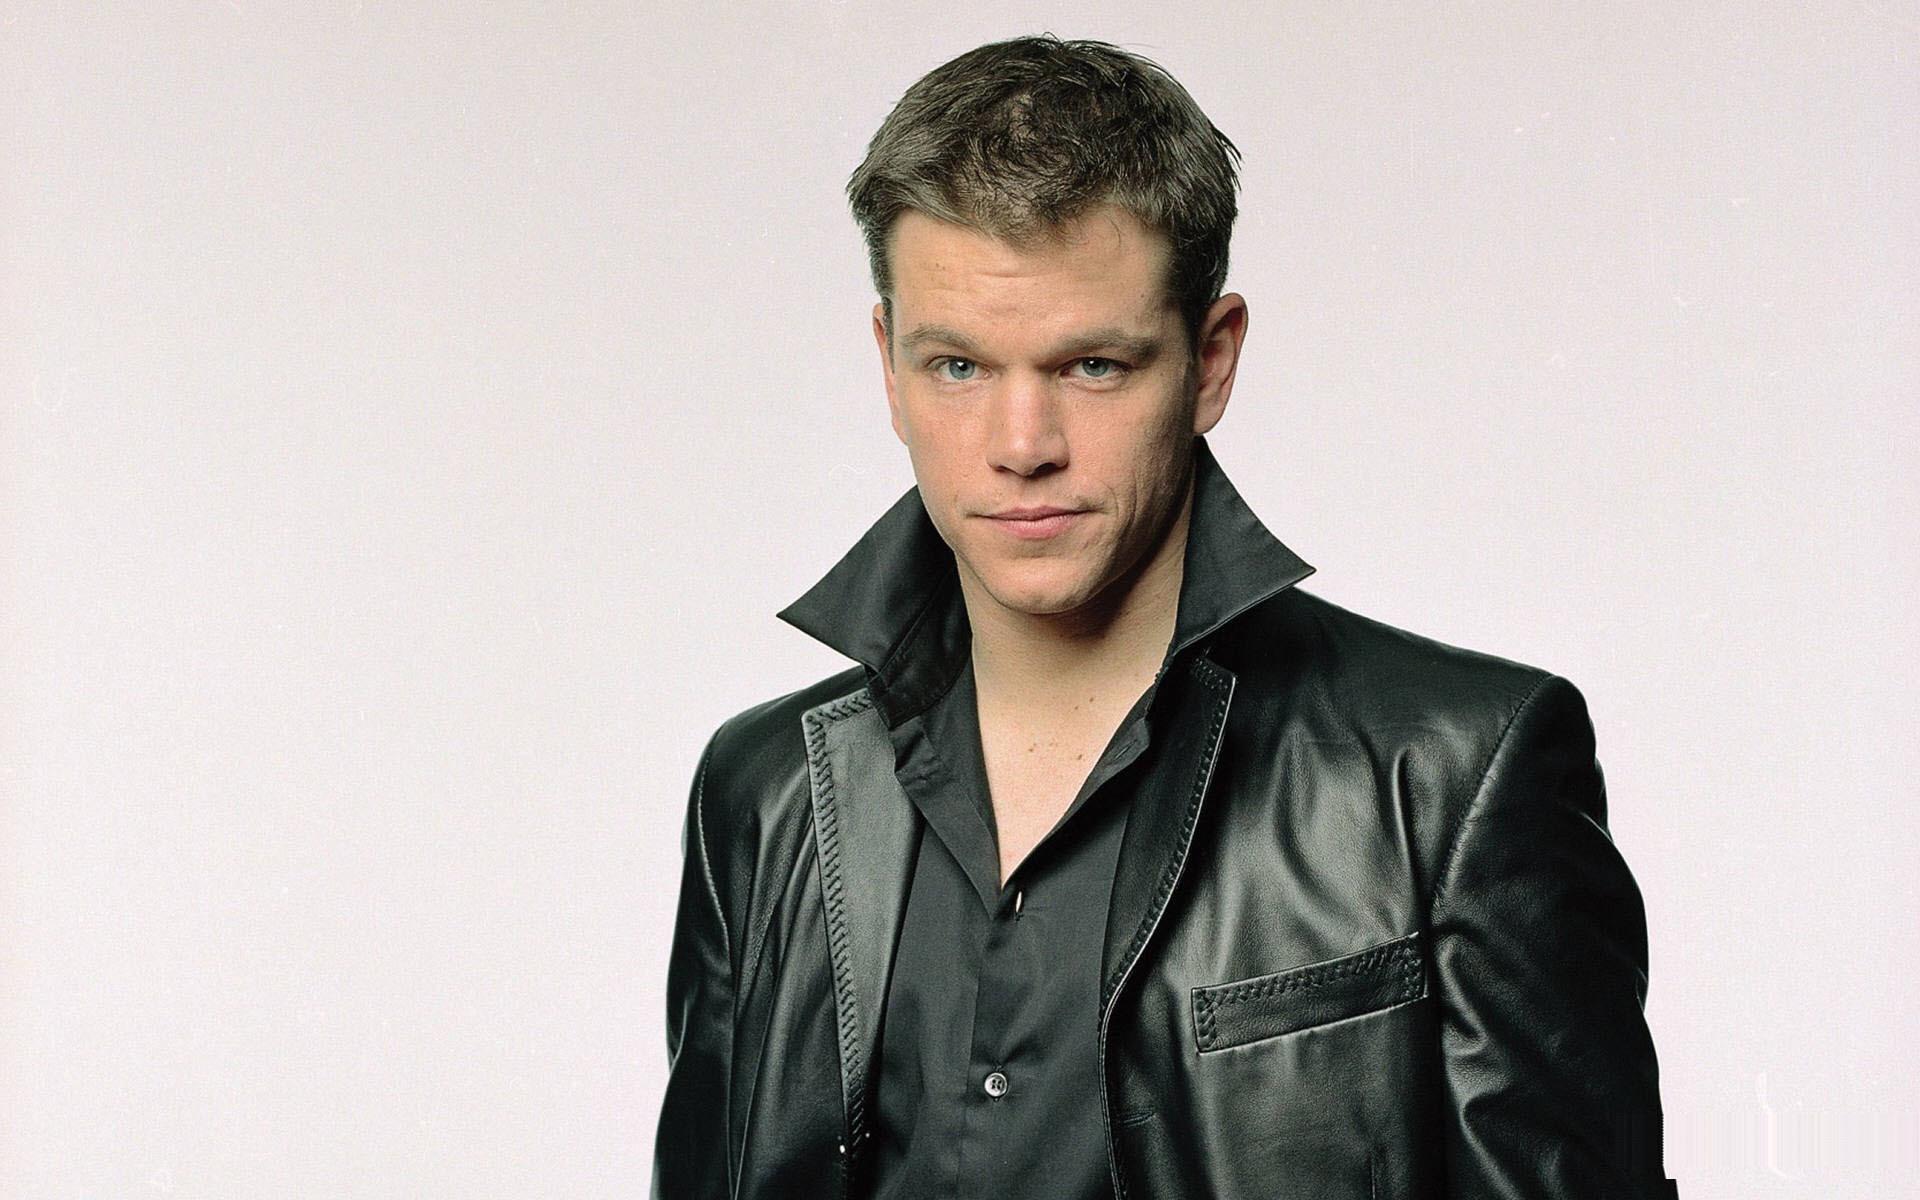 Matt Damon Computer Backgrounds